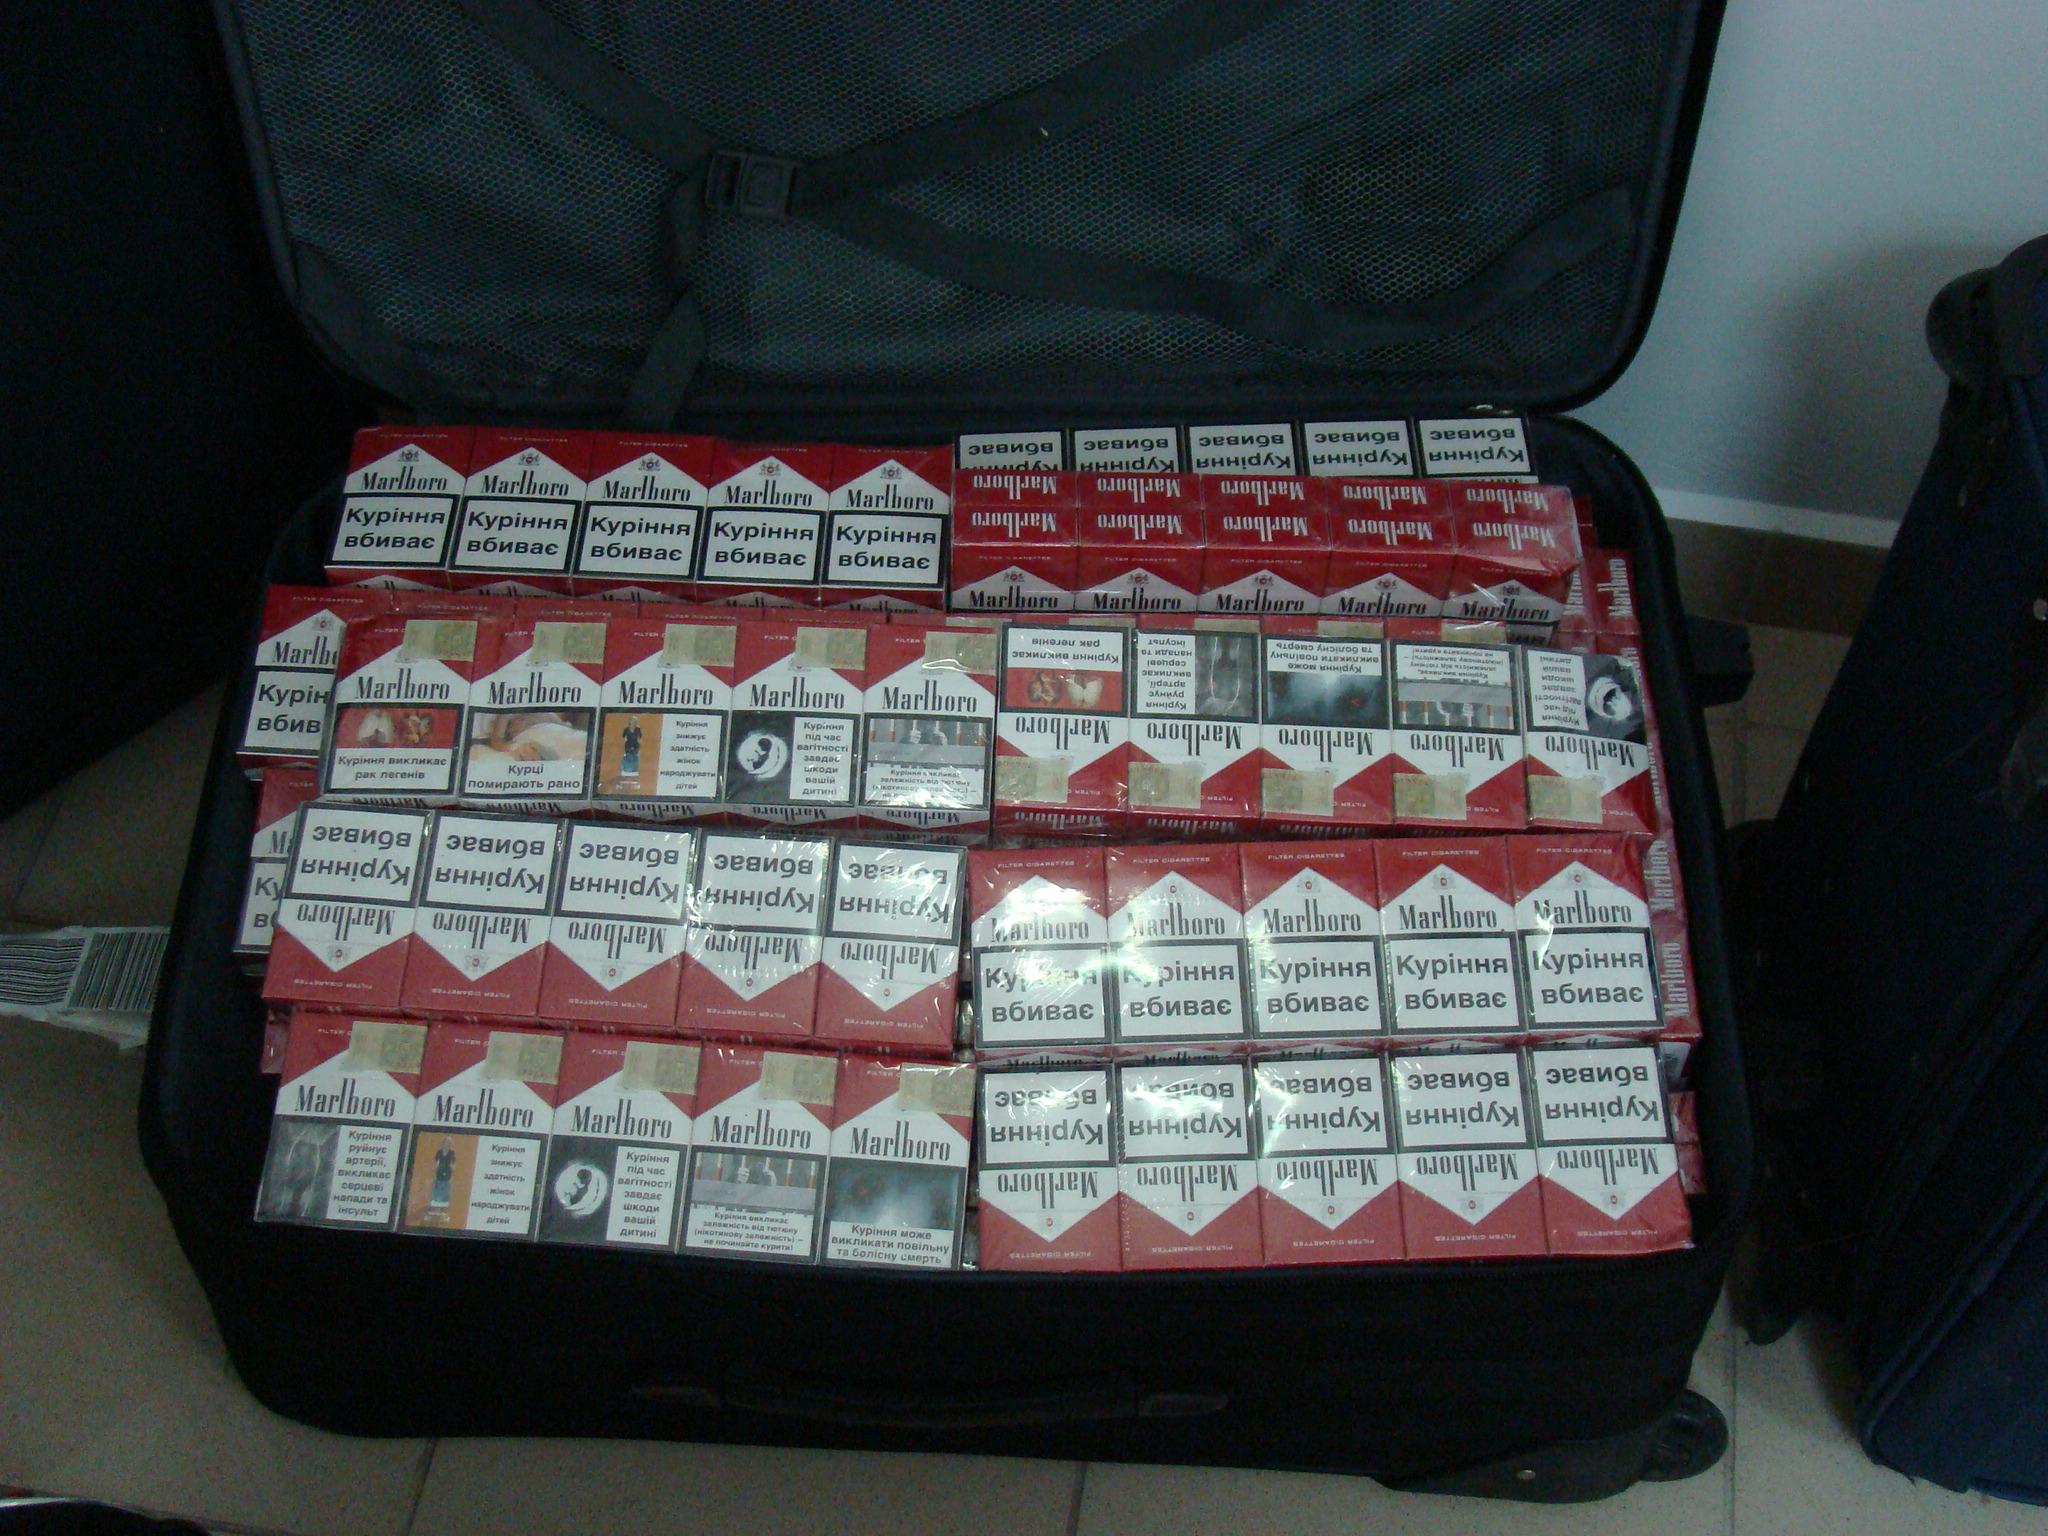 Politistii din Maramures au confiscat peste 17.000 de pachete de tigari de contrabanda